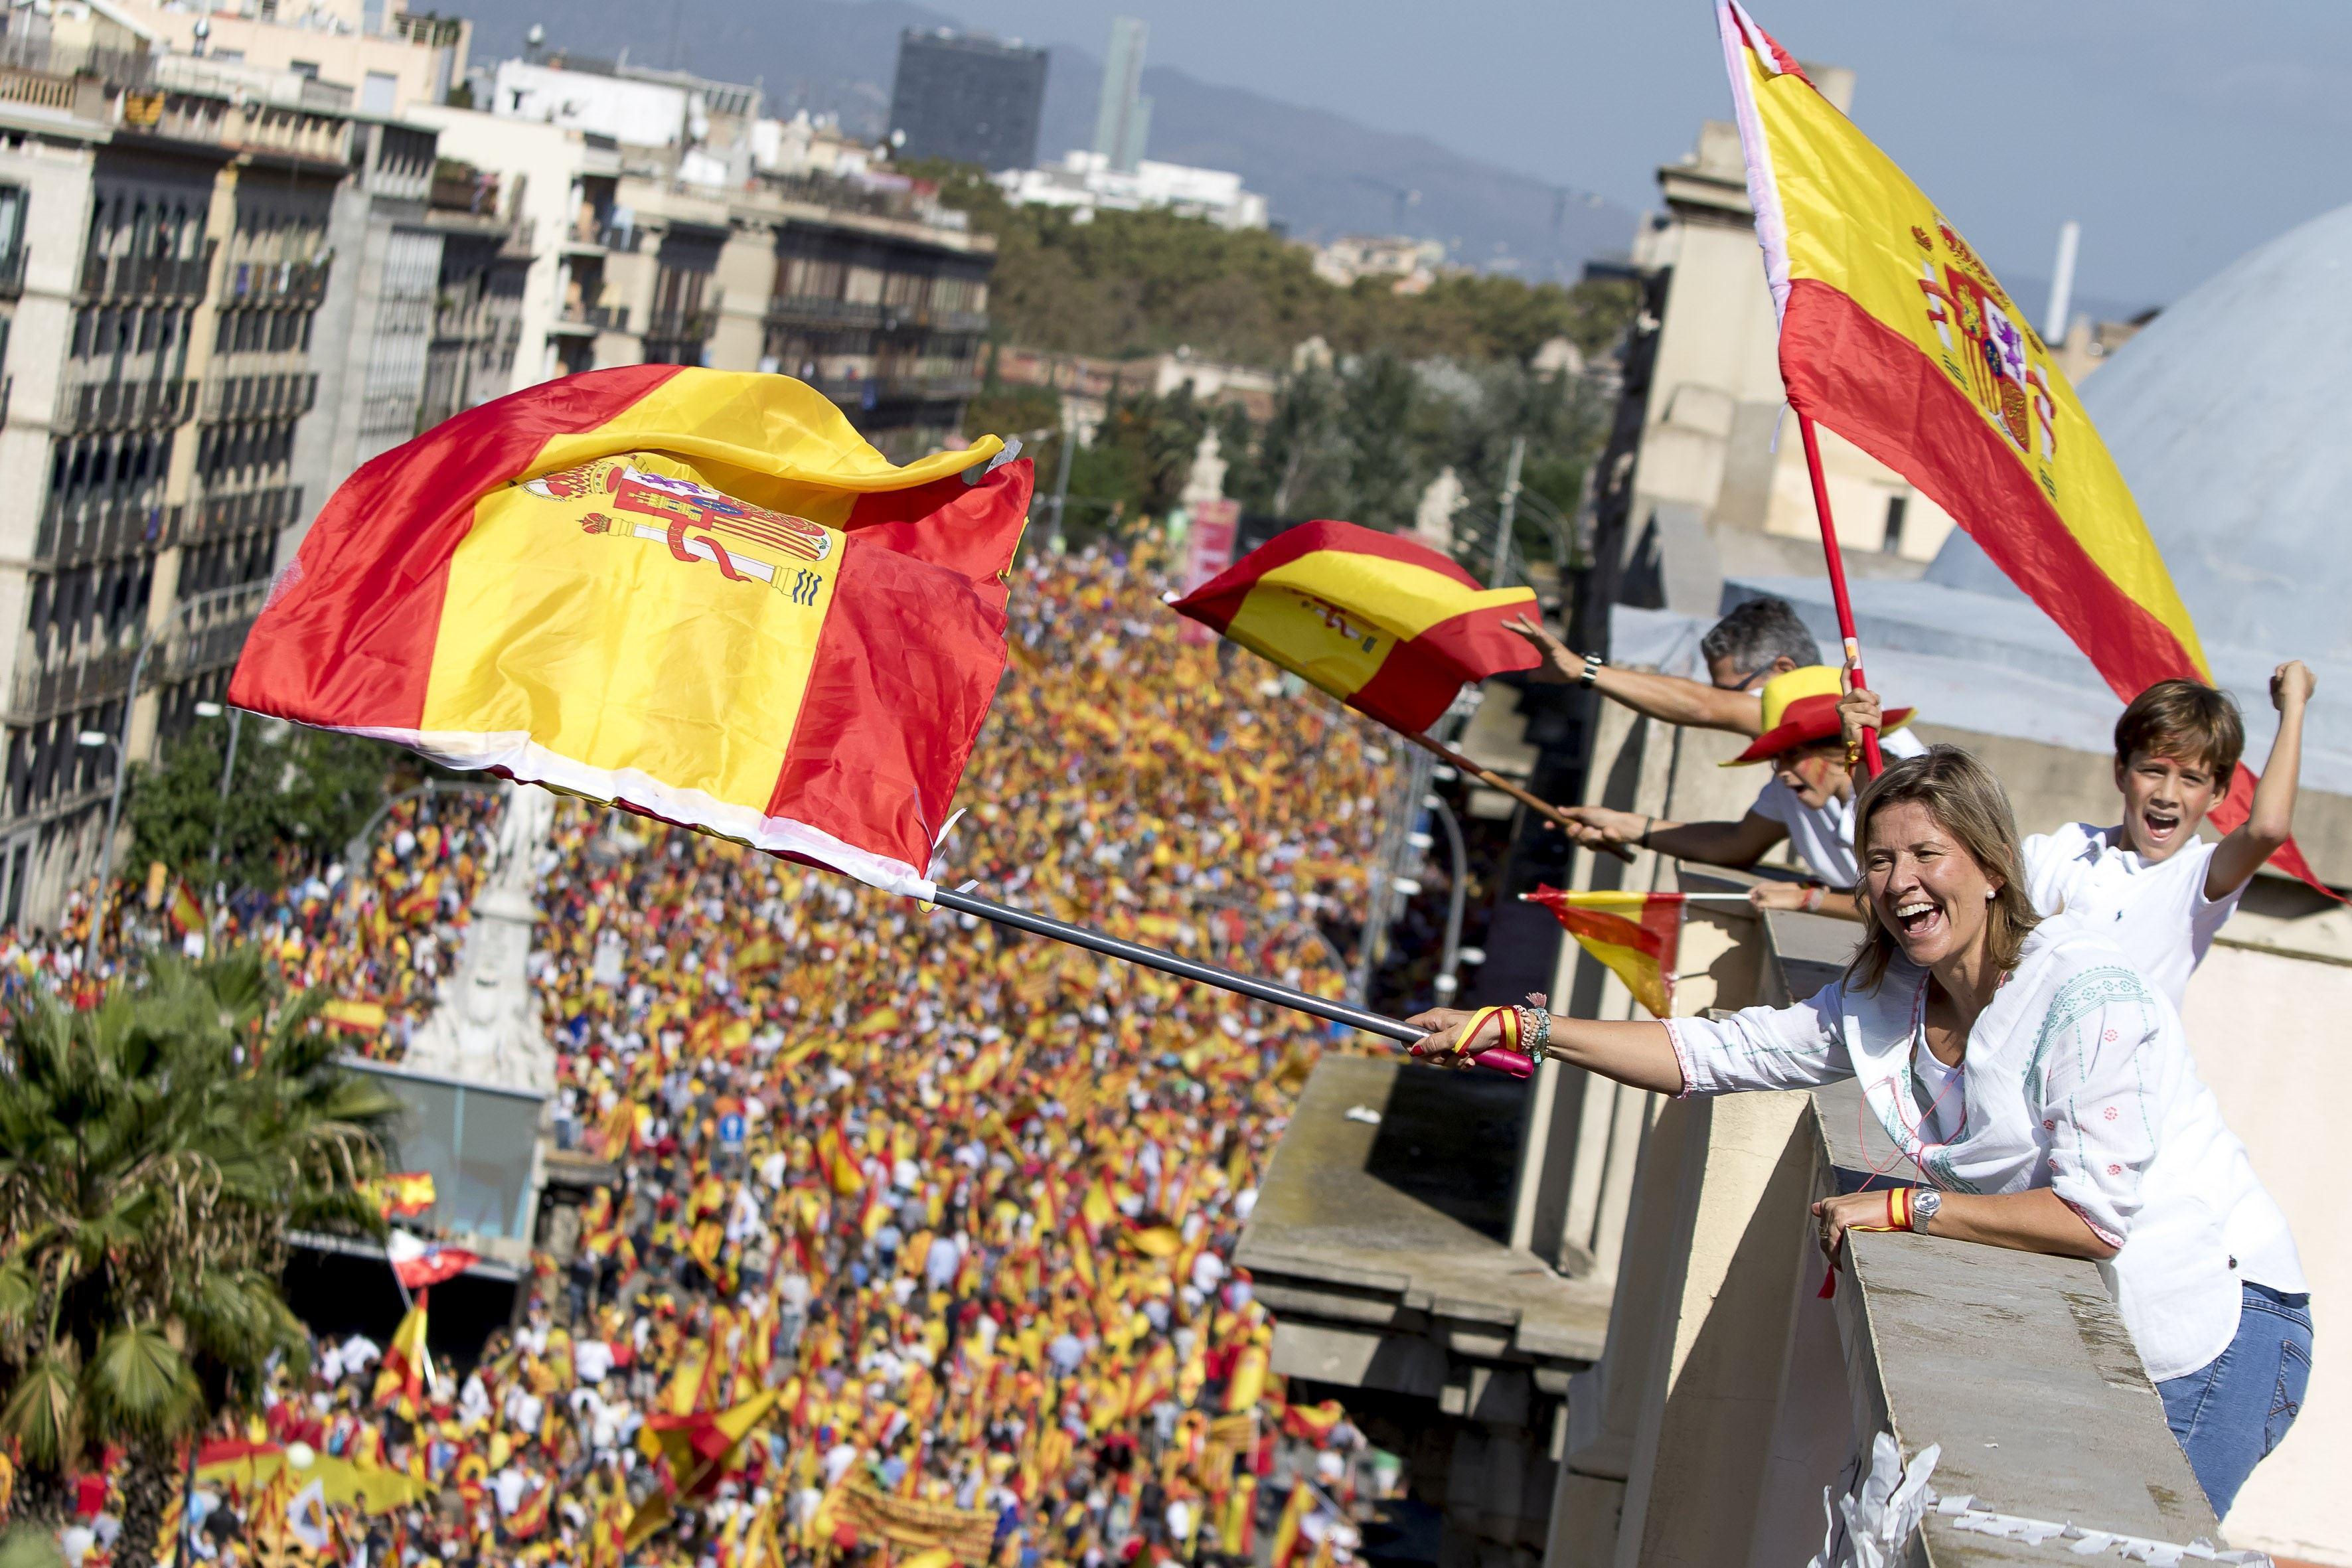 Legea privind referendumul de independenţă din Catalonia a fost invalidată de Curtea Constituţională